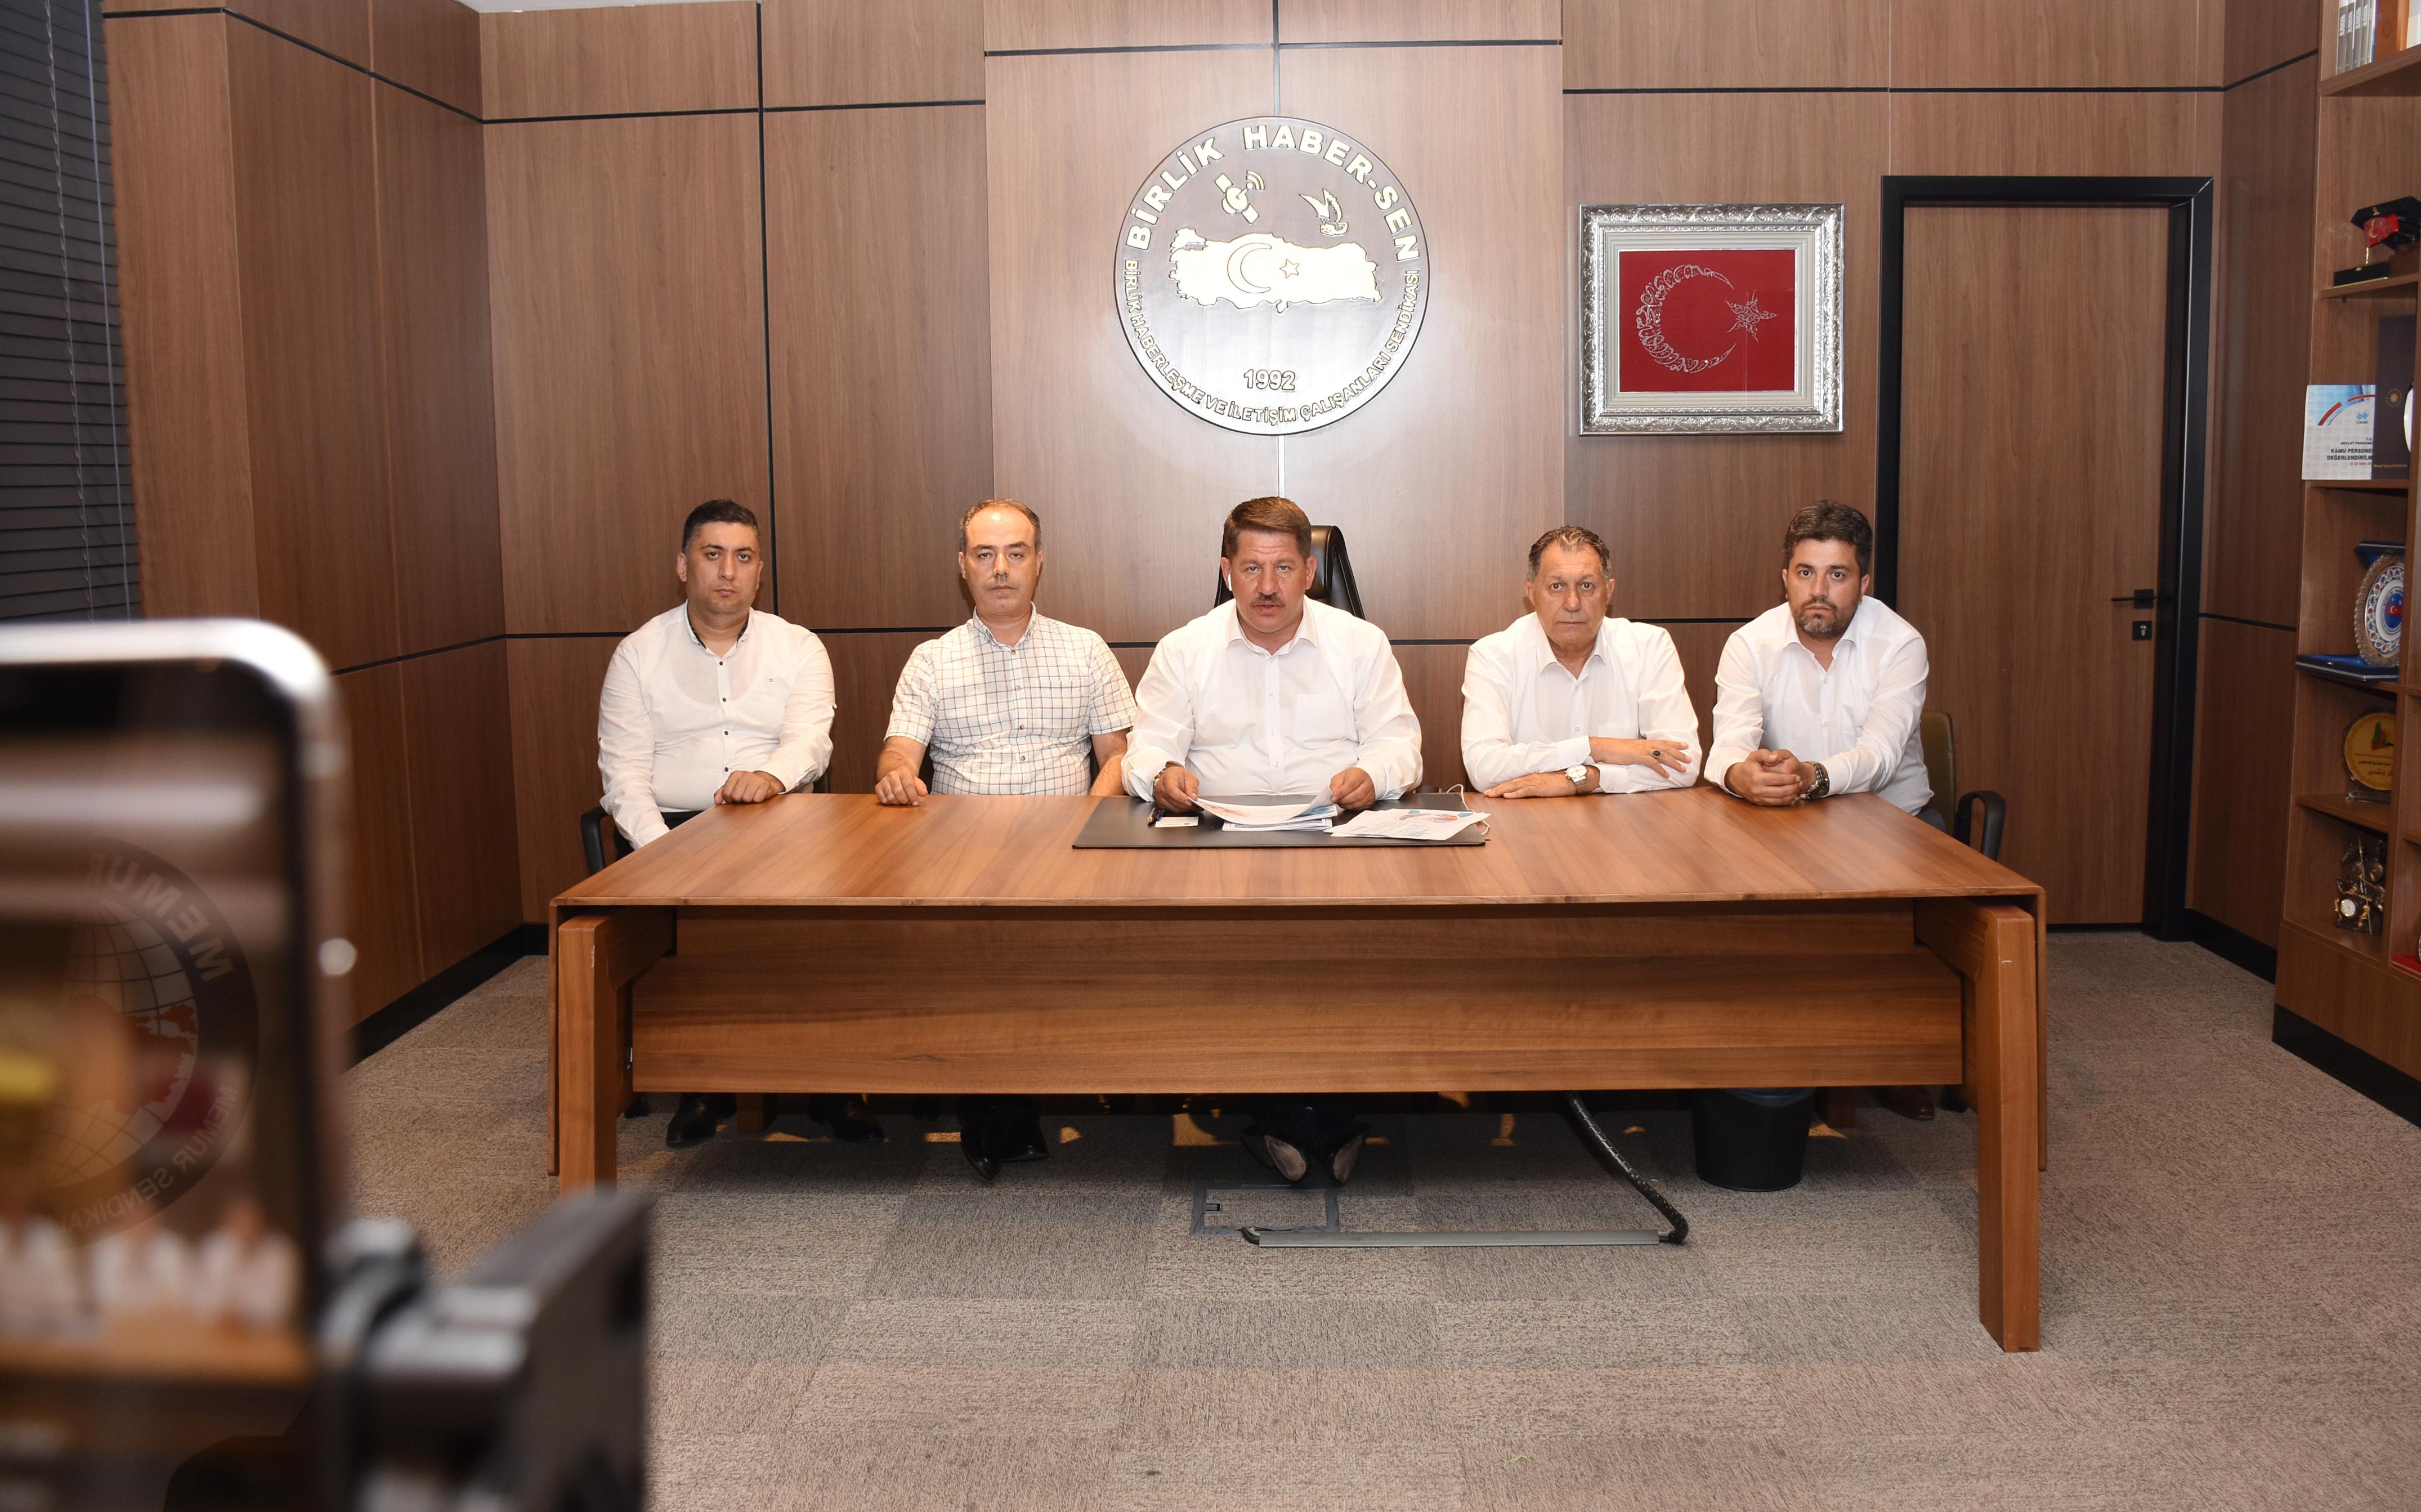 Birlik Haber-Sen Genel Başkanı Budak Toplu Sözleşme Taleplerini Aktardı